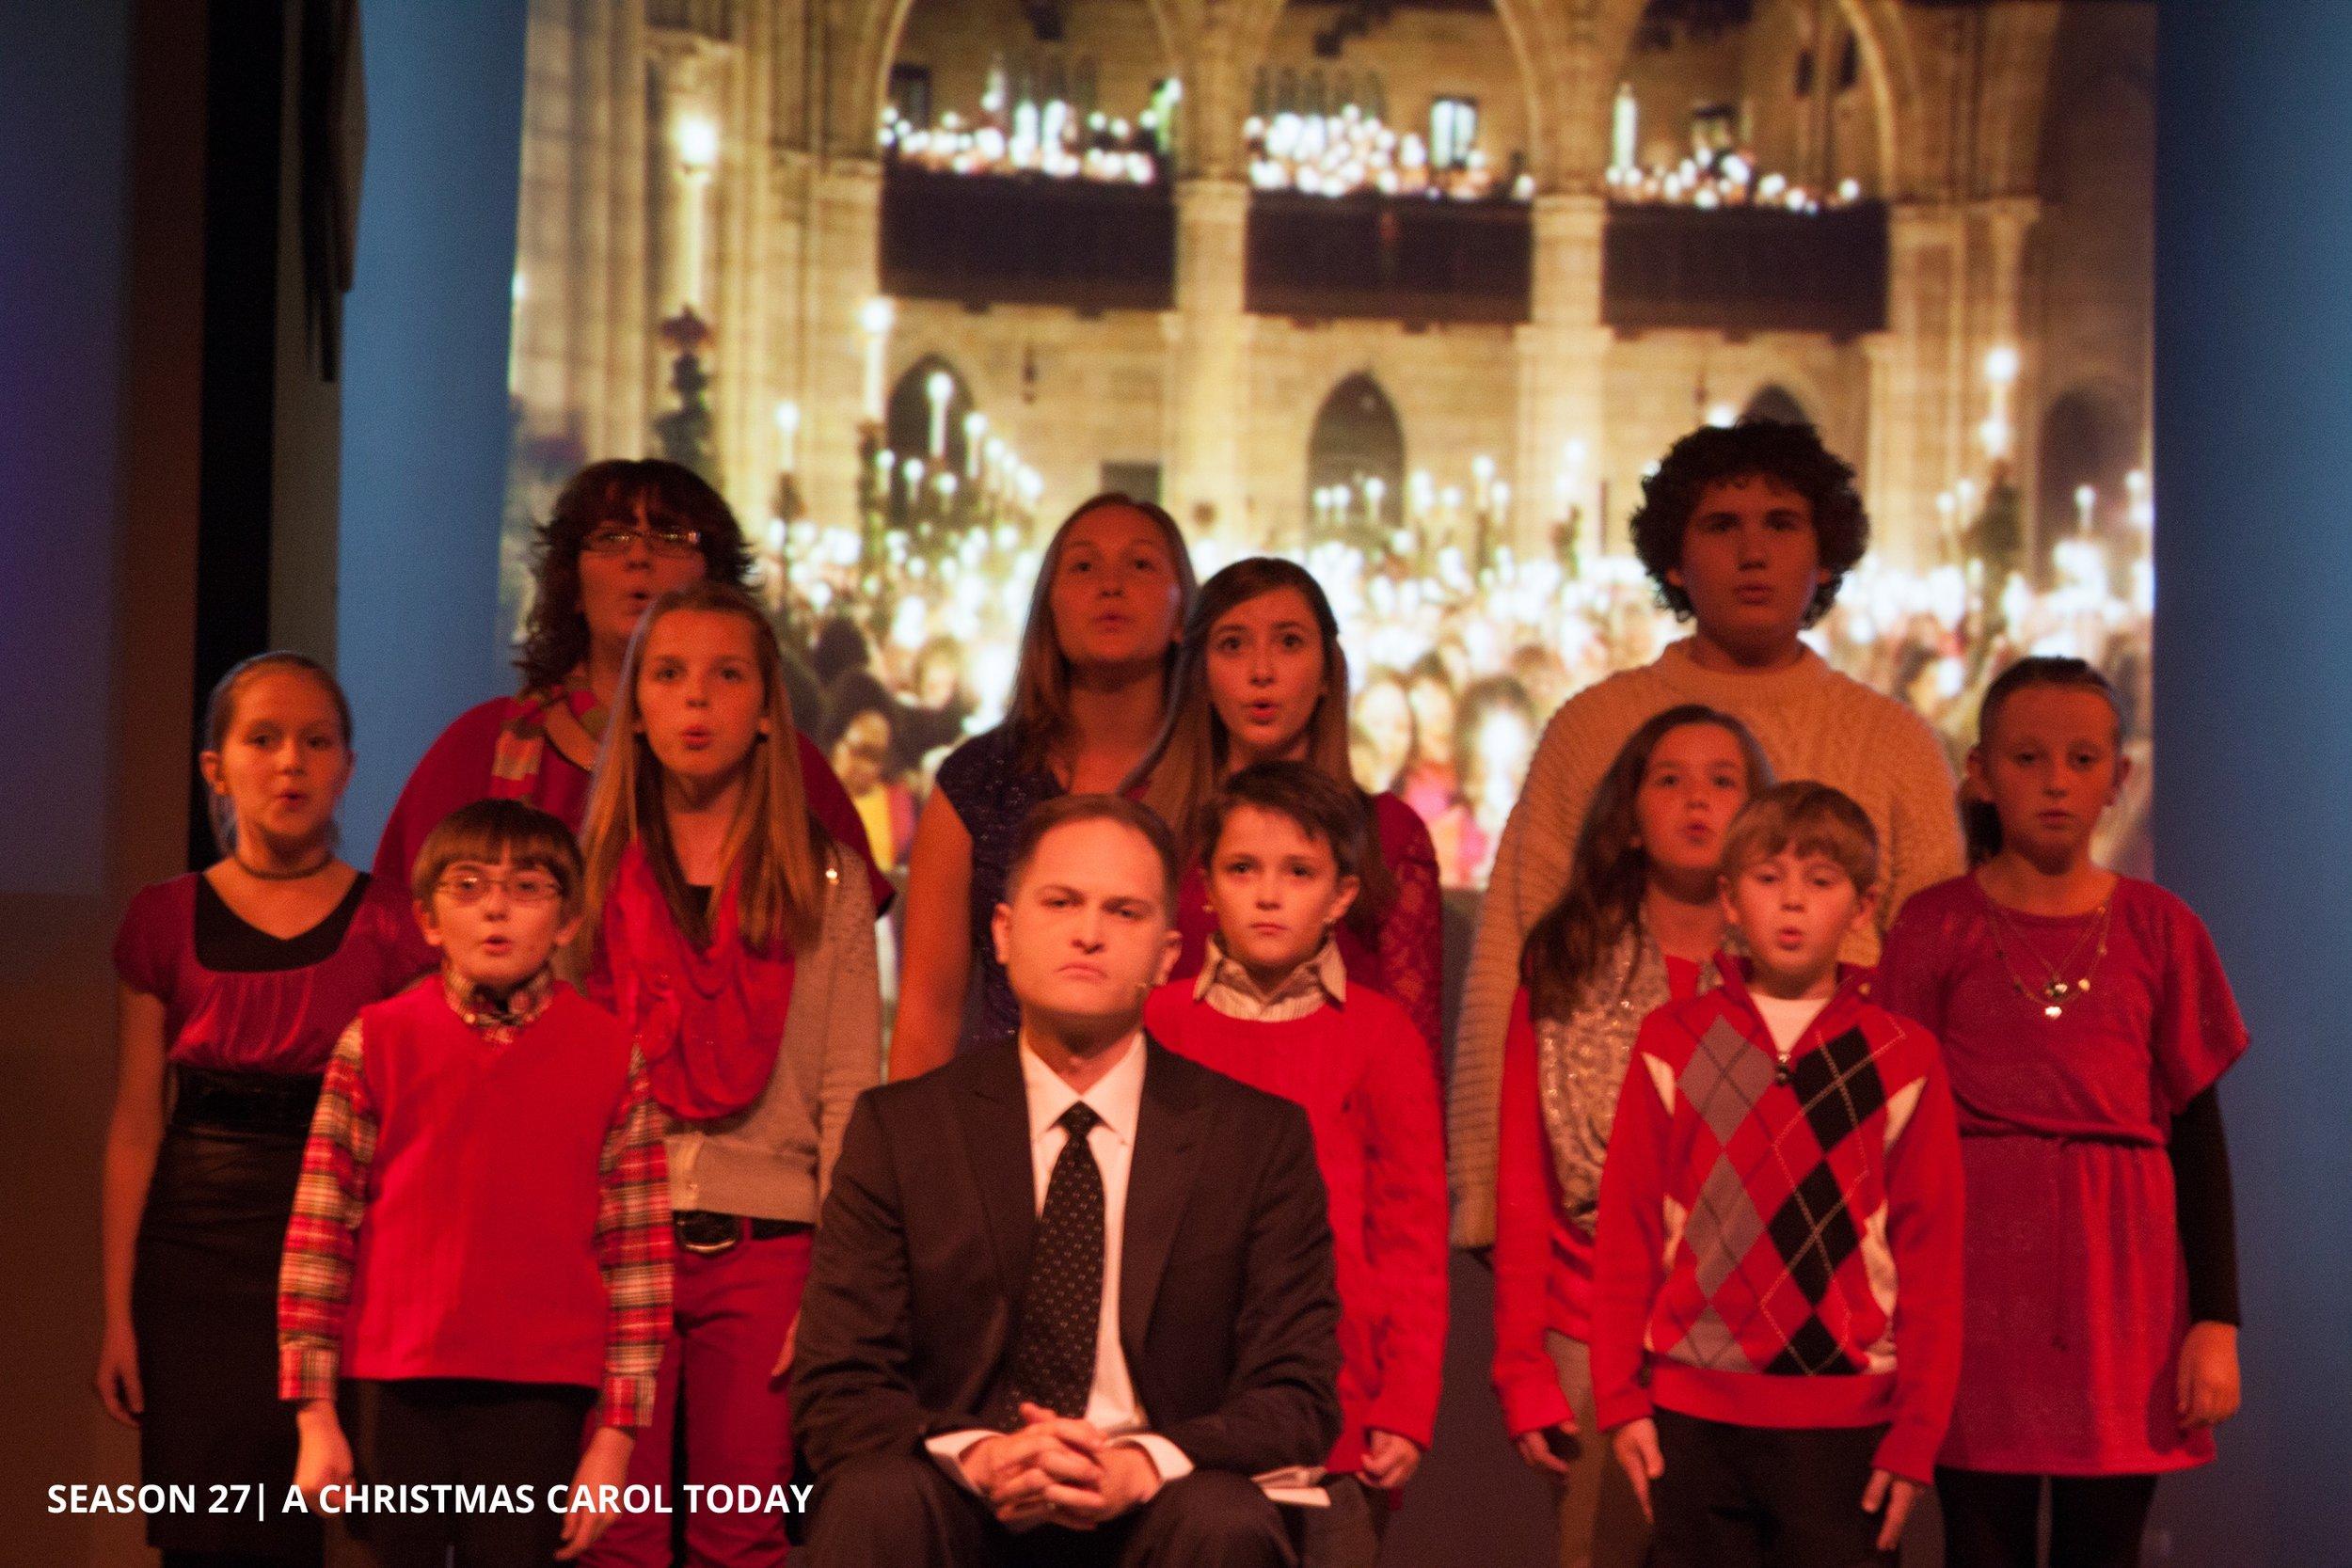 Season 27 | A CHRISTMAS CAROL TODAY